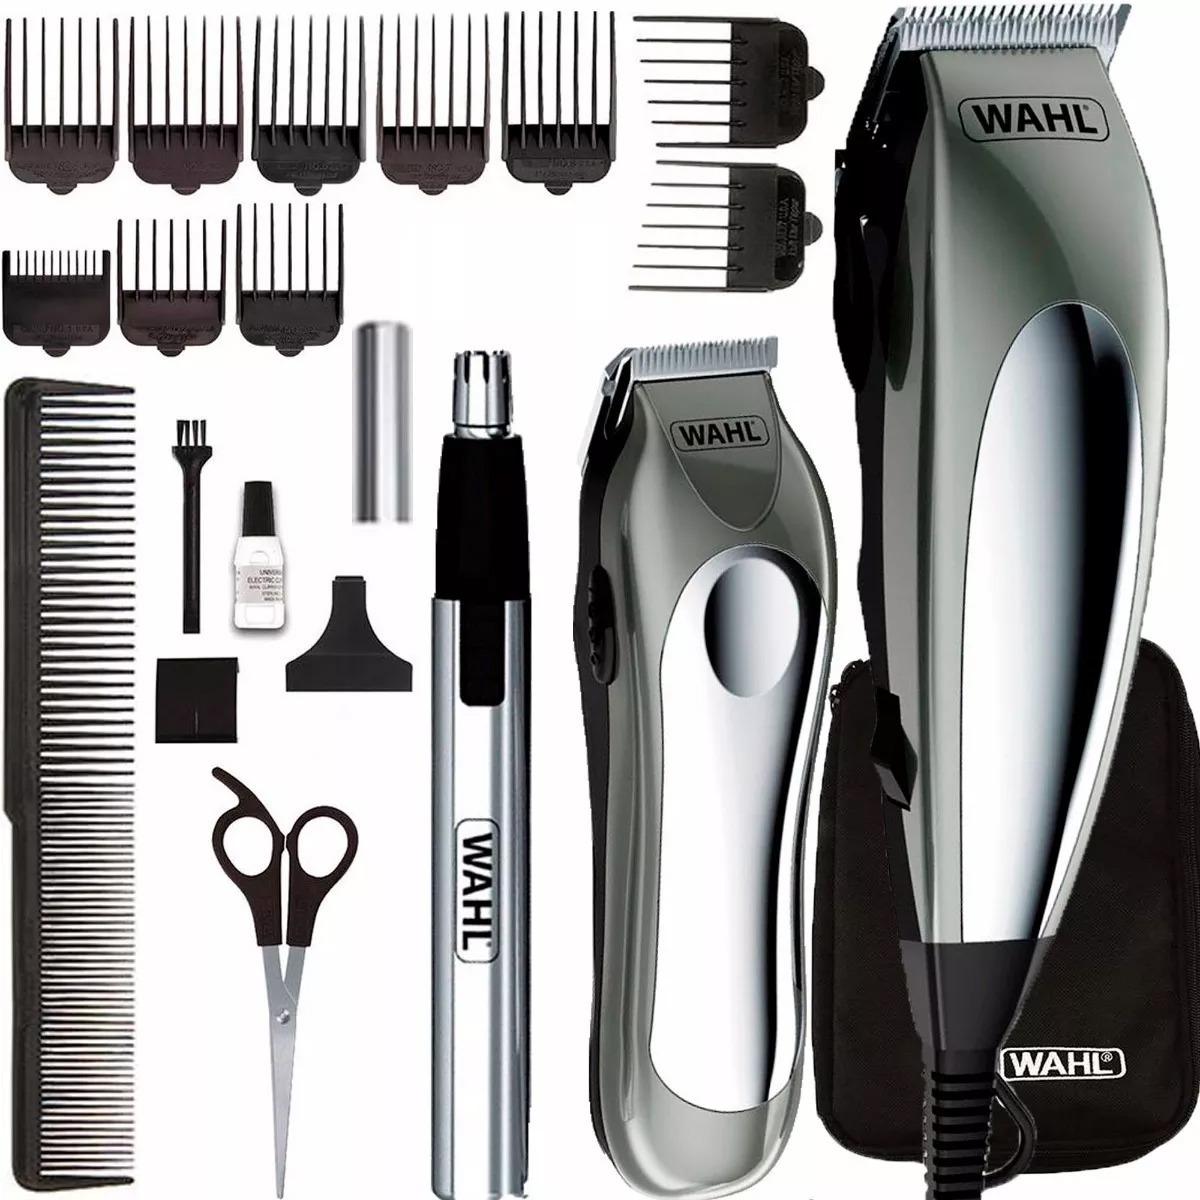 c839dcdcb máquina cortar cabelo wahl deluxe groom pro completa. Carregando zoom.